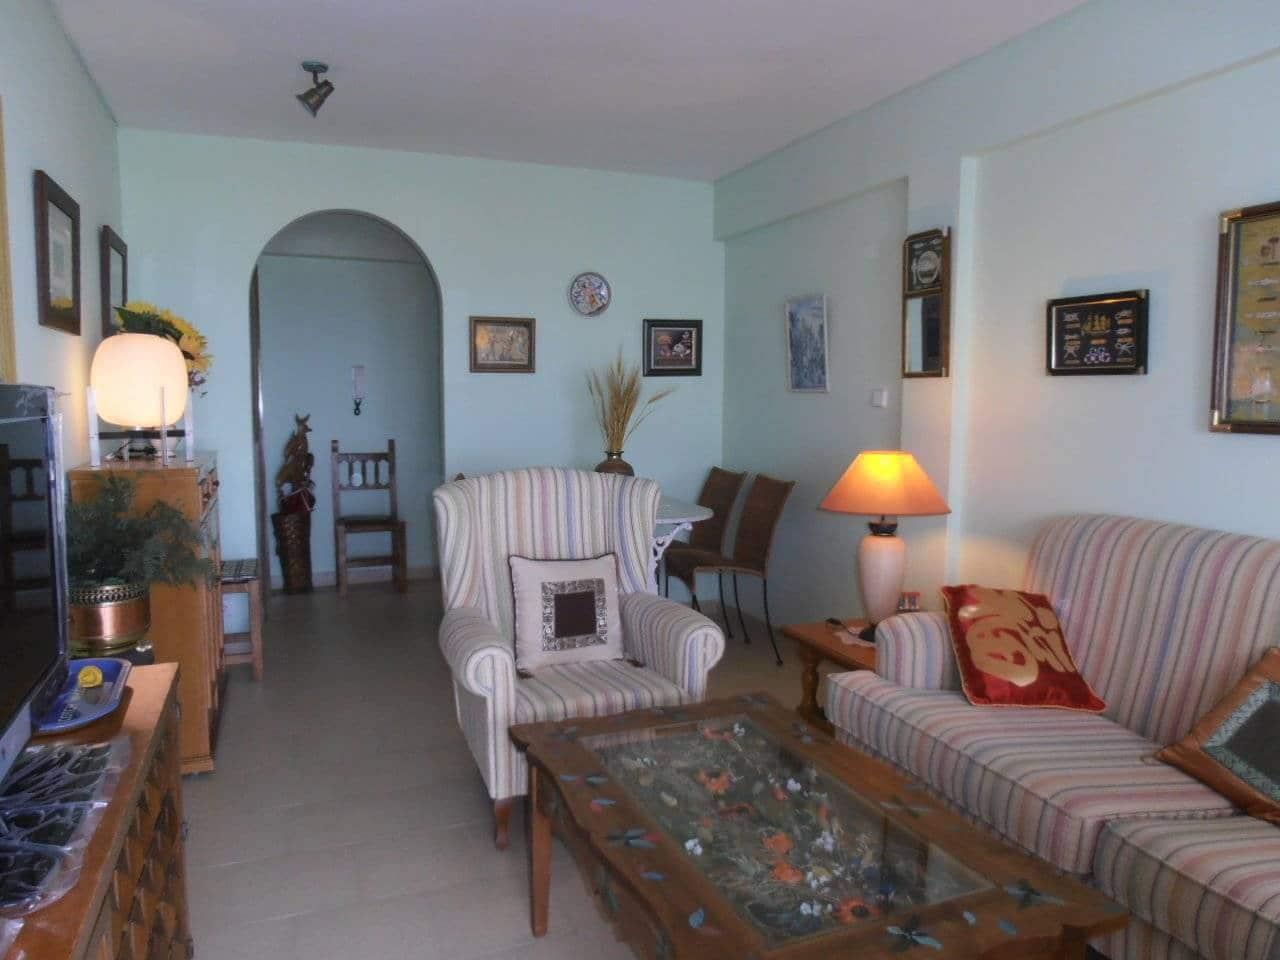 2 bedroom Flat for sale in Benalmadena - € 215,000 (Ref: 4529864)